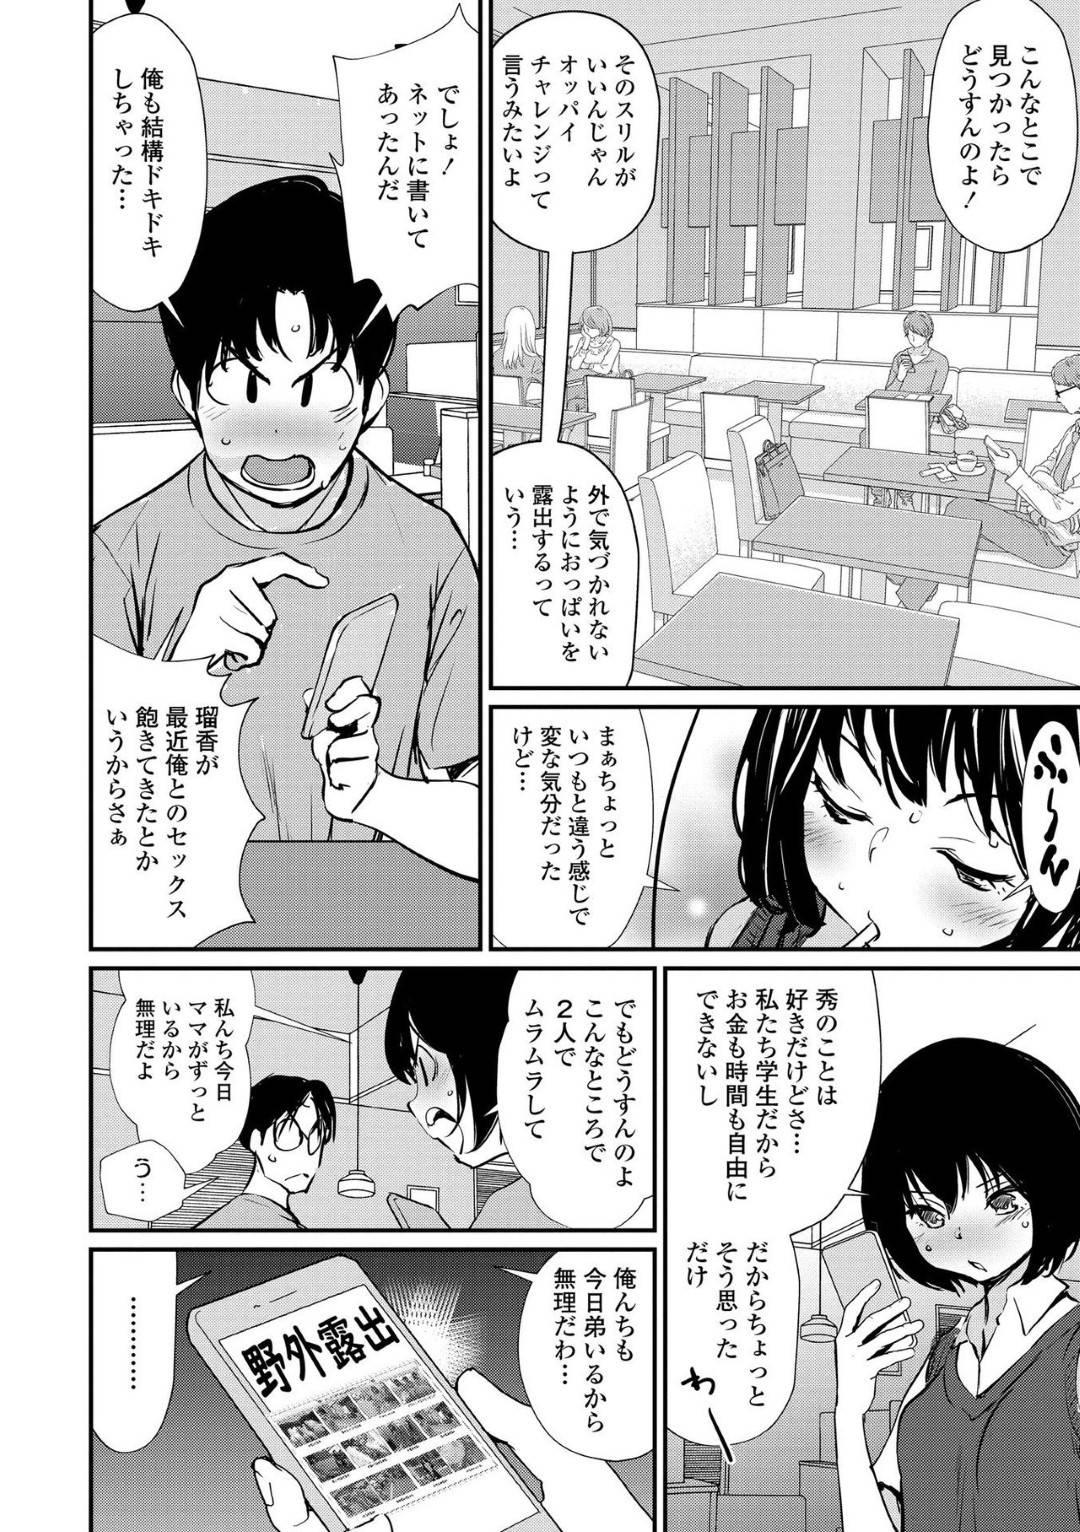 【エロ漫画】野外で露出するプレイを彼氏にお願いされた女子高生…露出して歩いていると興奮してきてそのまま野外で中出しセックス【Shiomaneki:彼女チャレンジ】